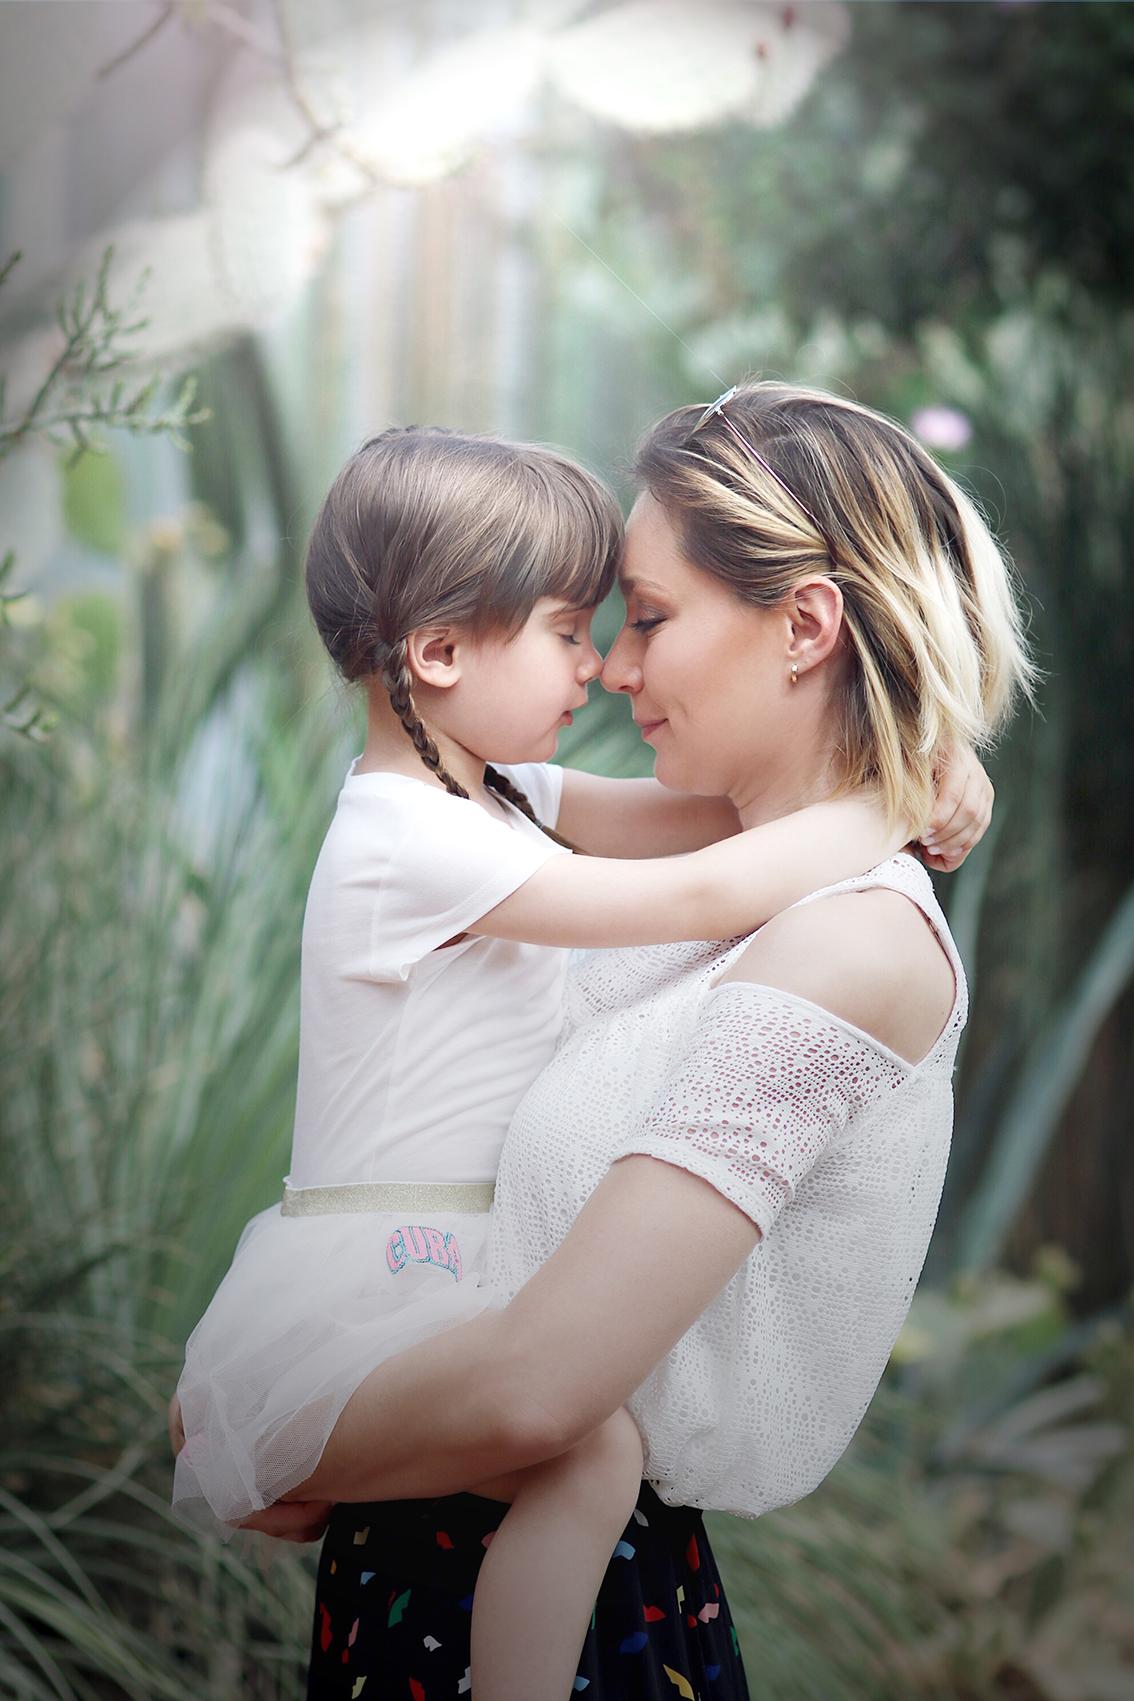 artlex-blogueuse-maman-Lyon